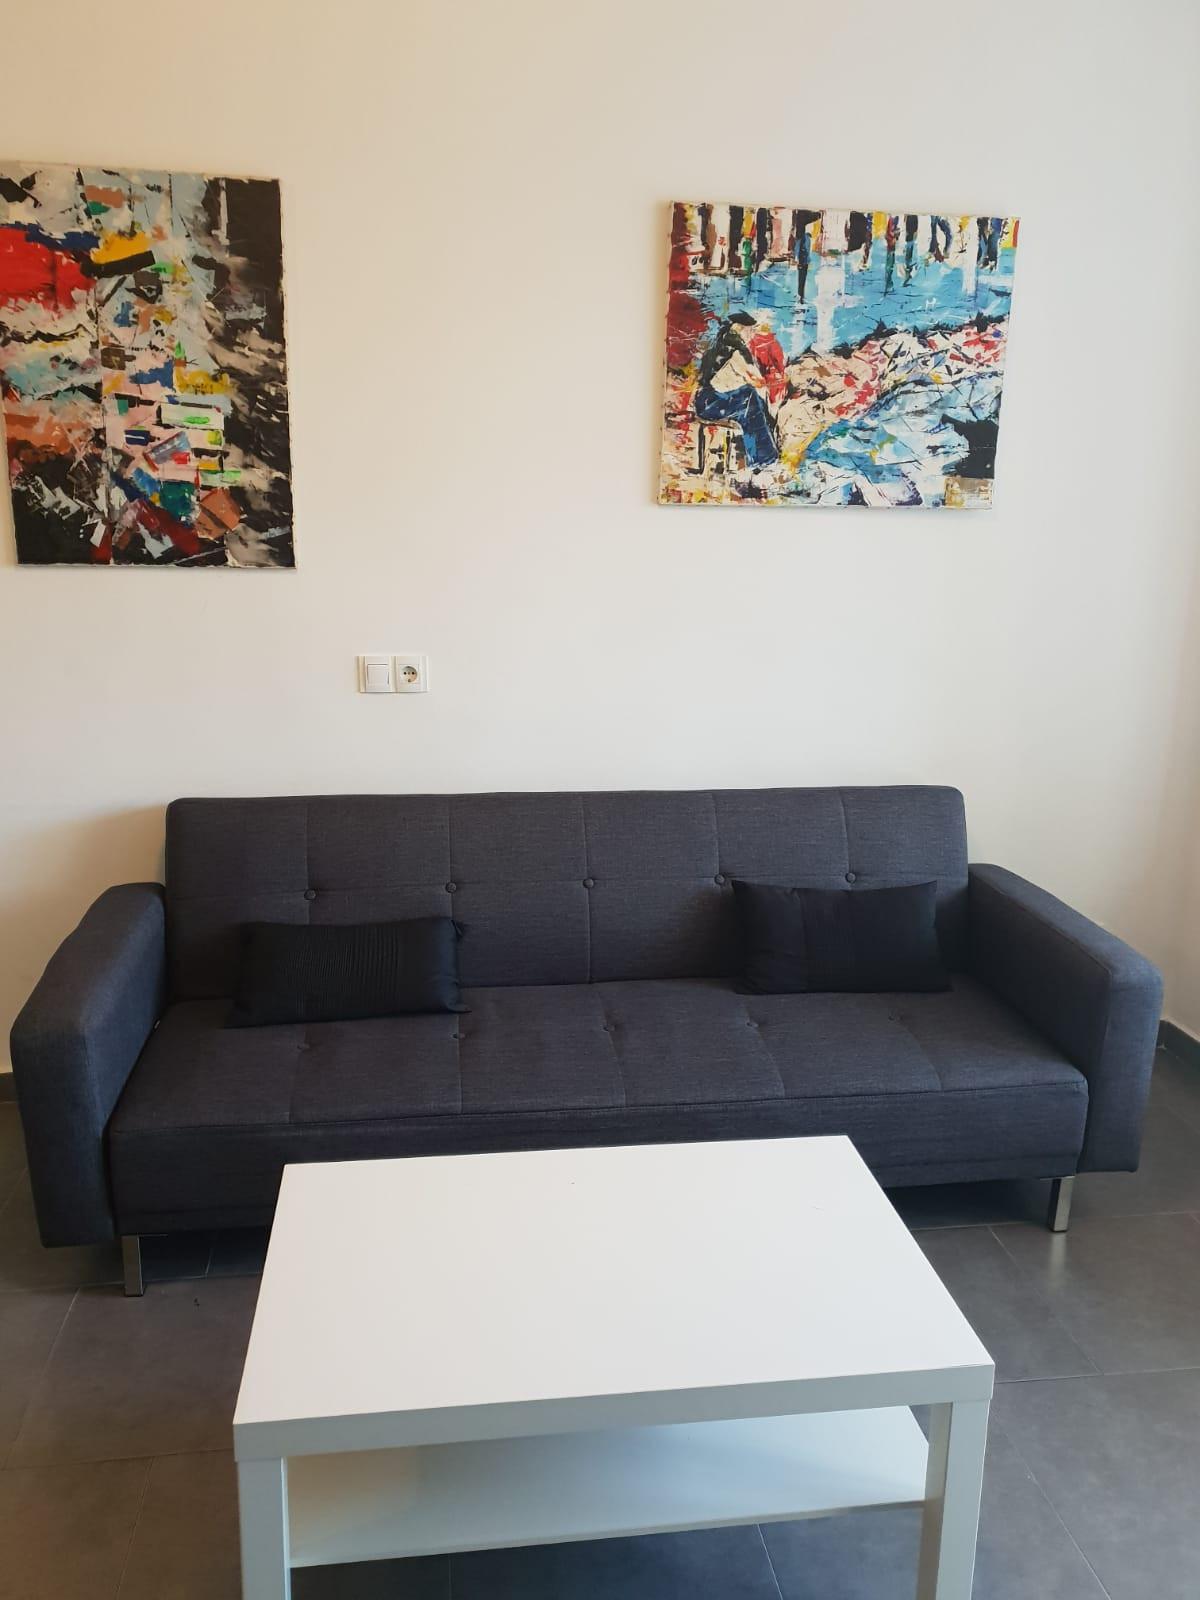 Apartamento - Torremolinos - R3760507 - mibgroup.es